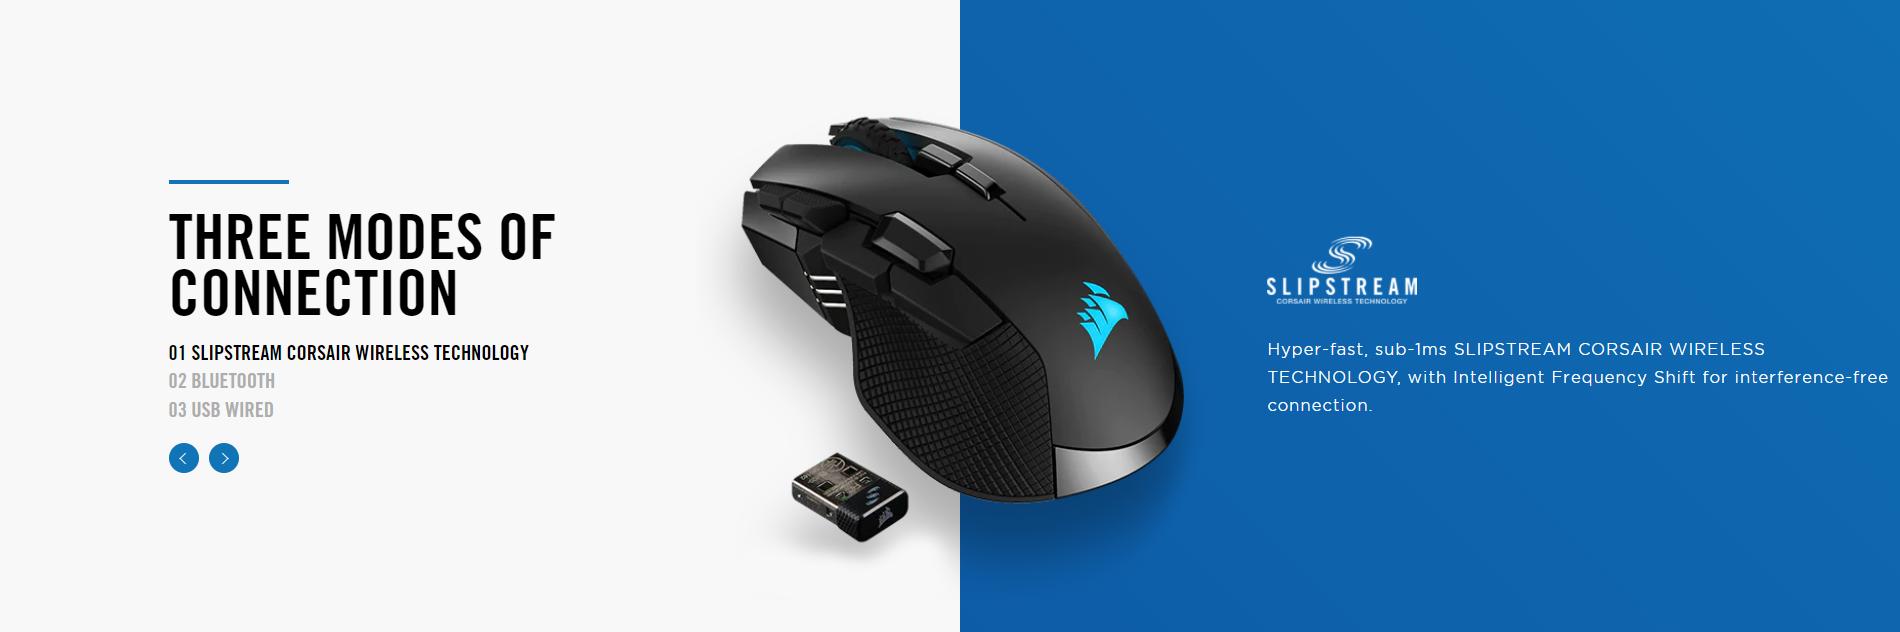 Chuột không dây Corsair Iron claw RGB (USB/RGB/Đen) (CH-9317011-AP) có kết nối wireless cực nhanh và các kiểu kết nối đa dạng